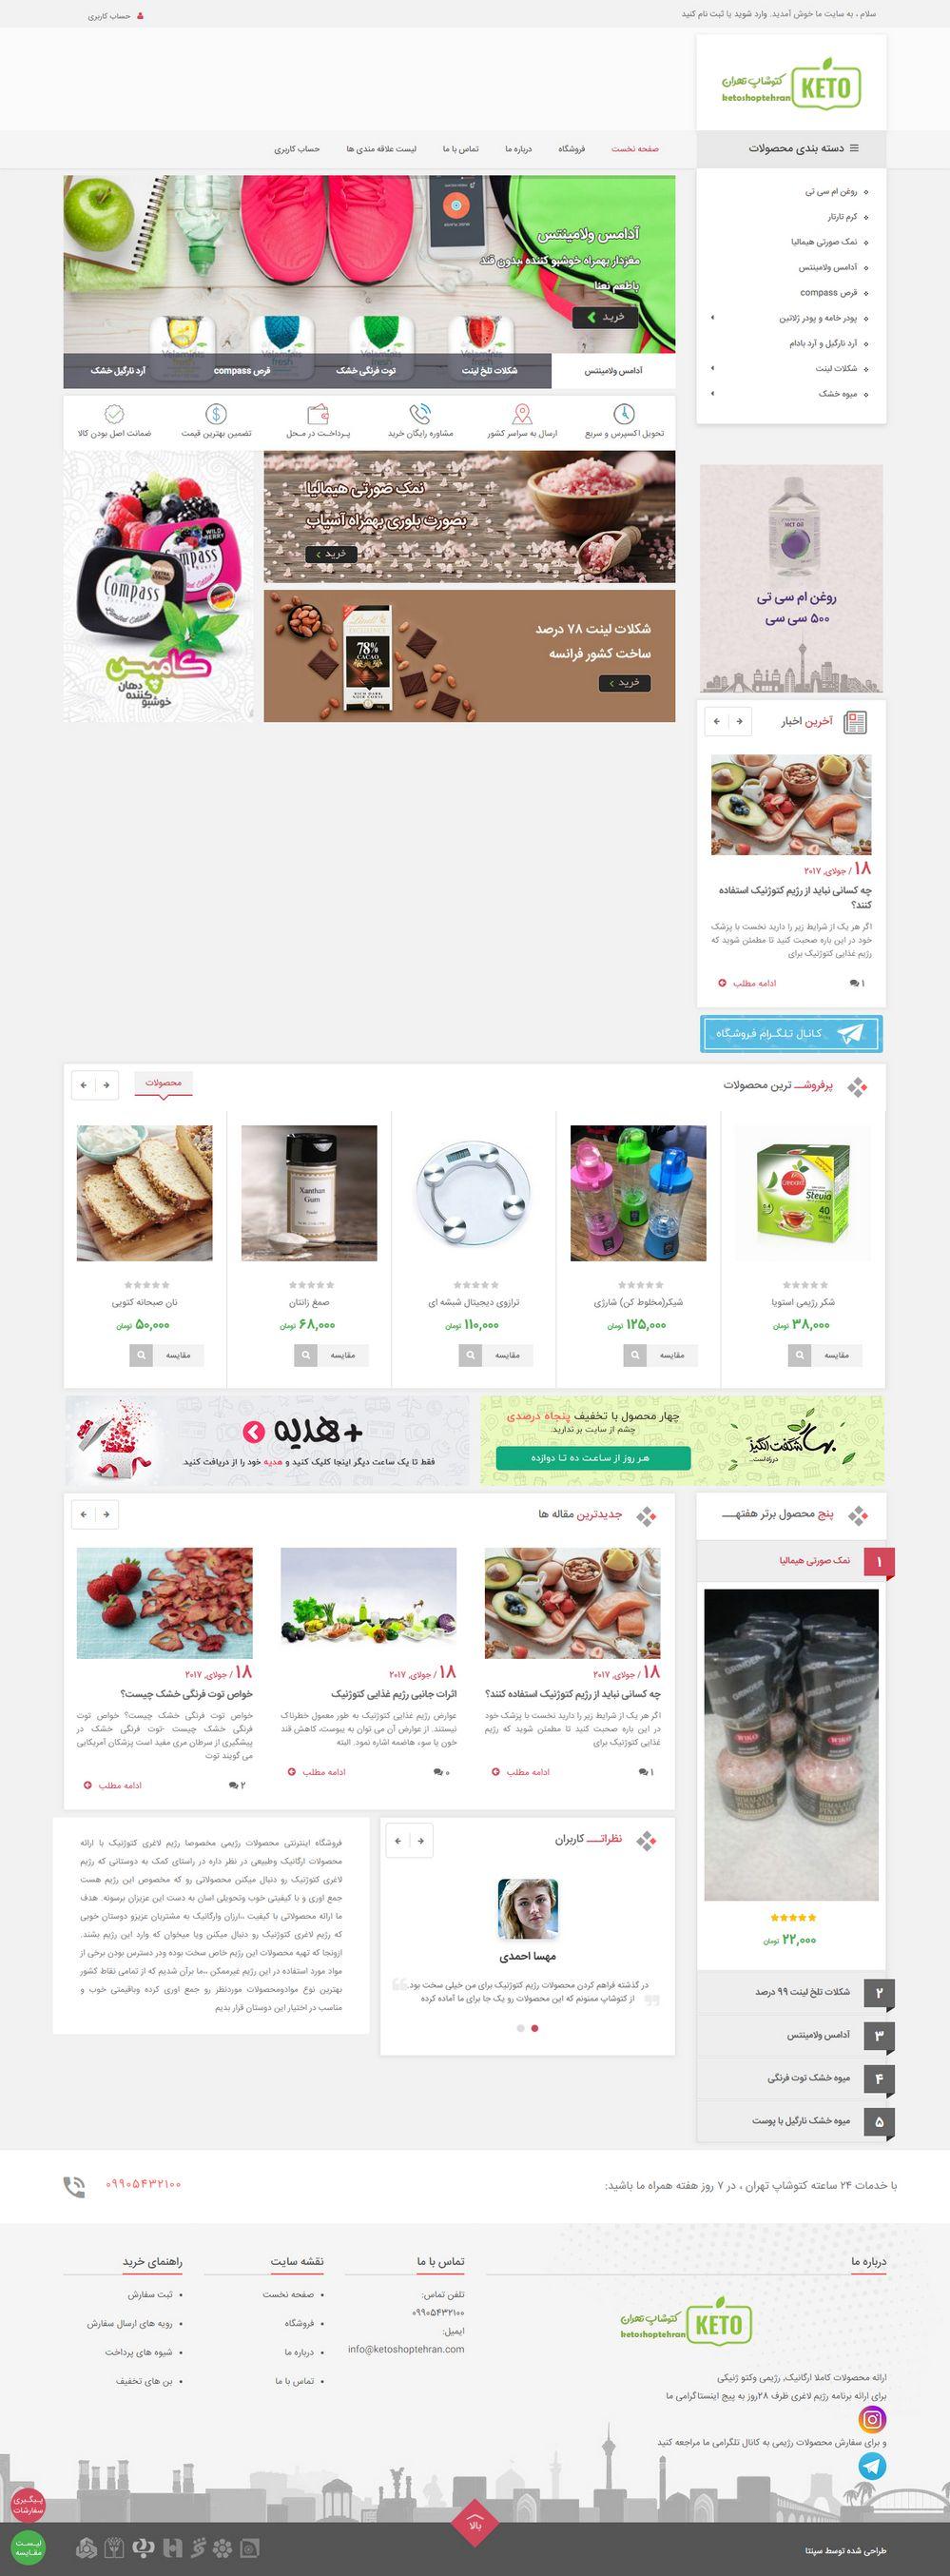 طراحی سایت و فروشگاه اینترنتی کتوژنیک